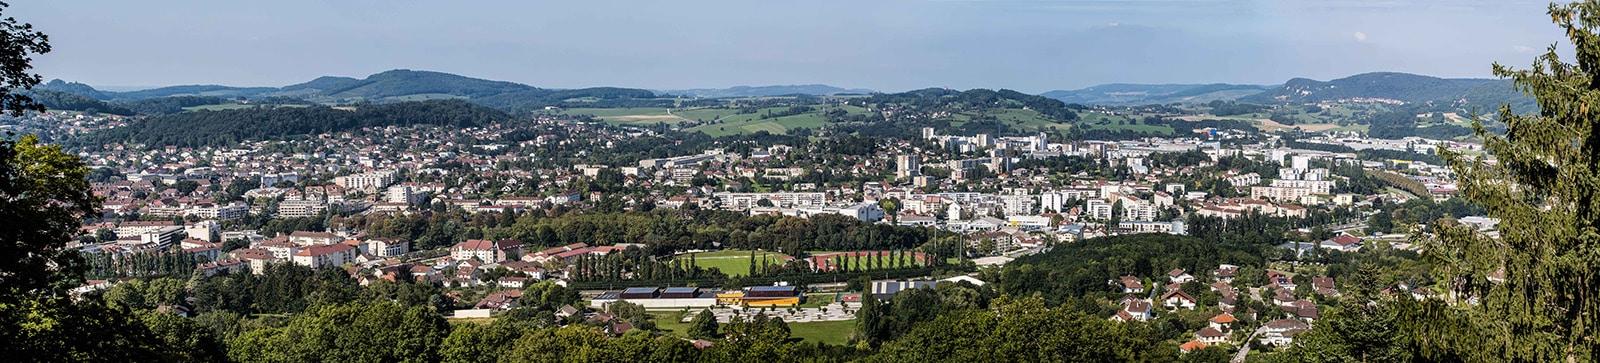 Lons-le-Saunier-Jura-Panoramique